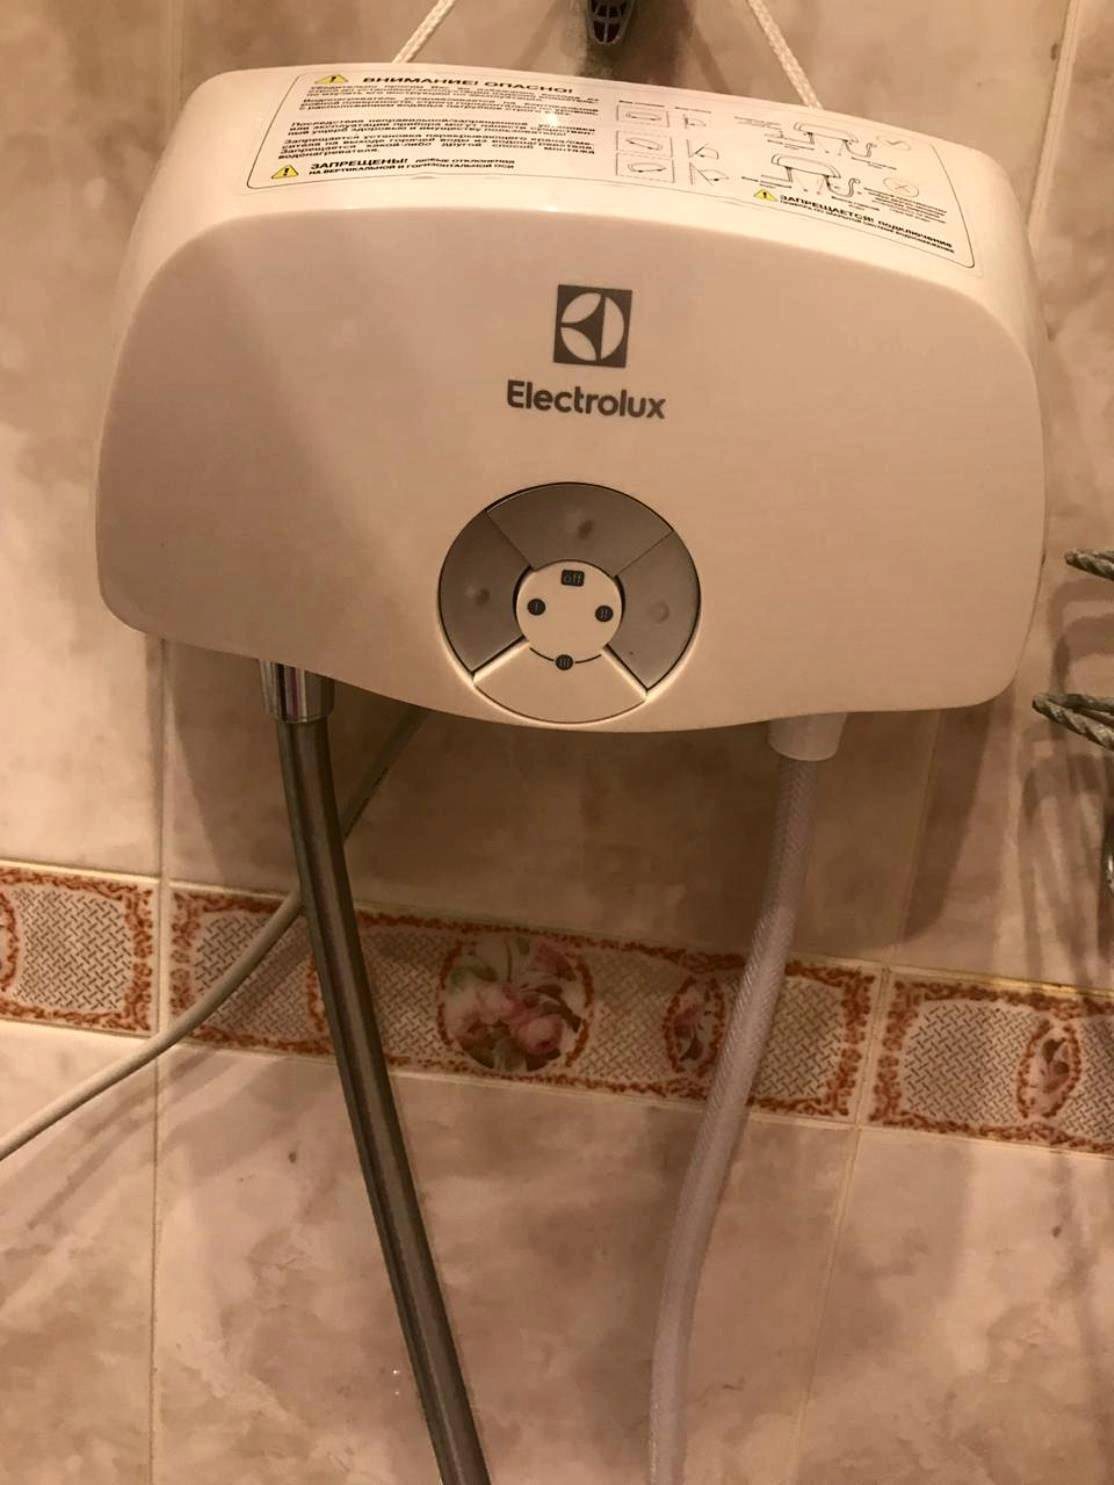 Какой водонагреватель лучше электролюкс или аристон?